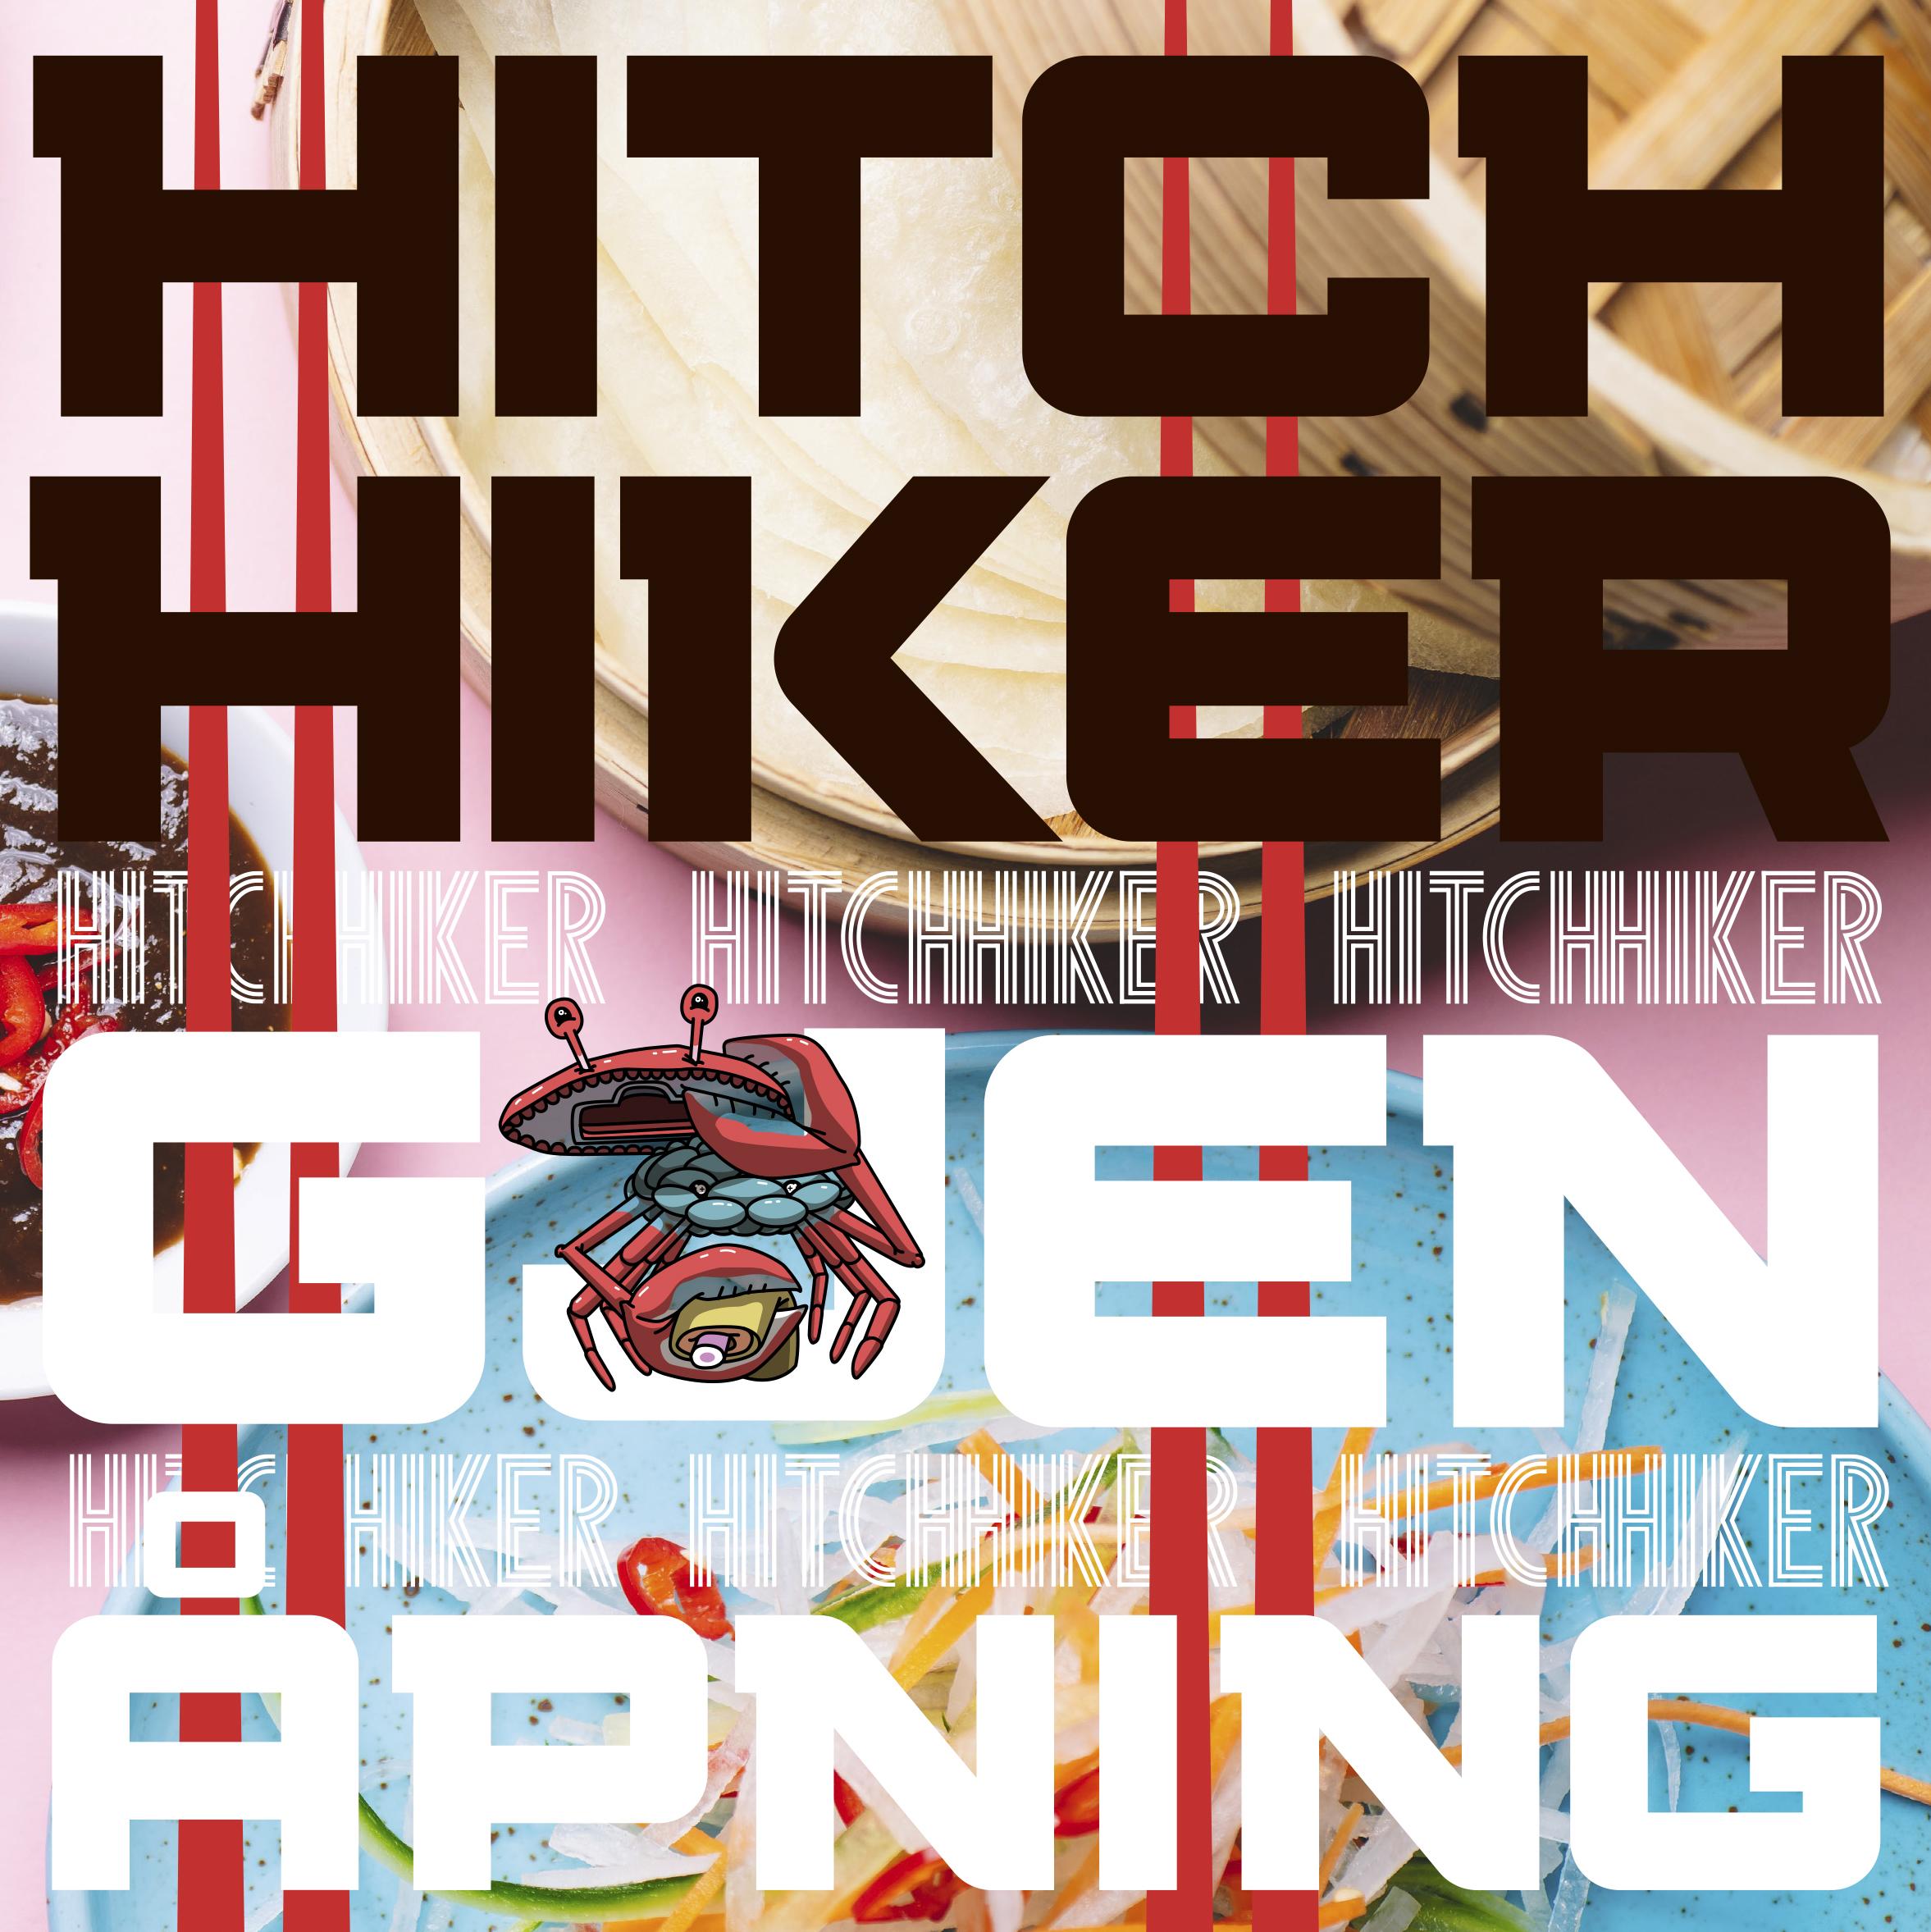 Hitchhiker_gjenåpning_Mov5.jpg